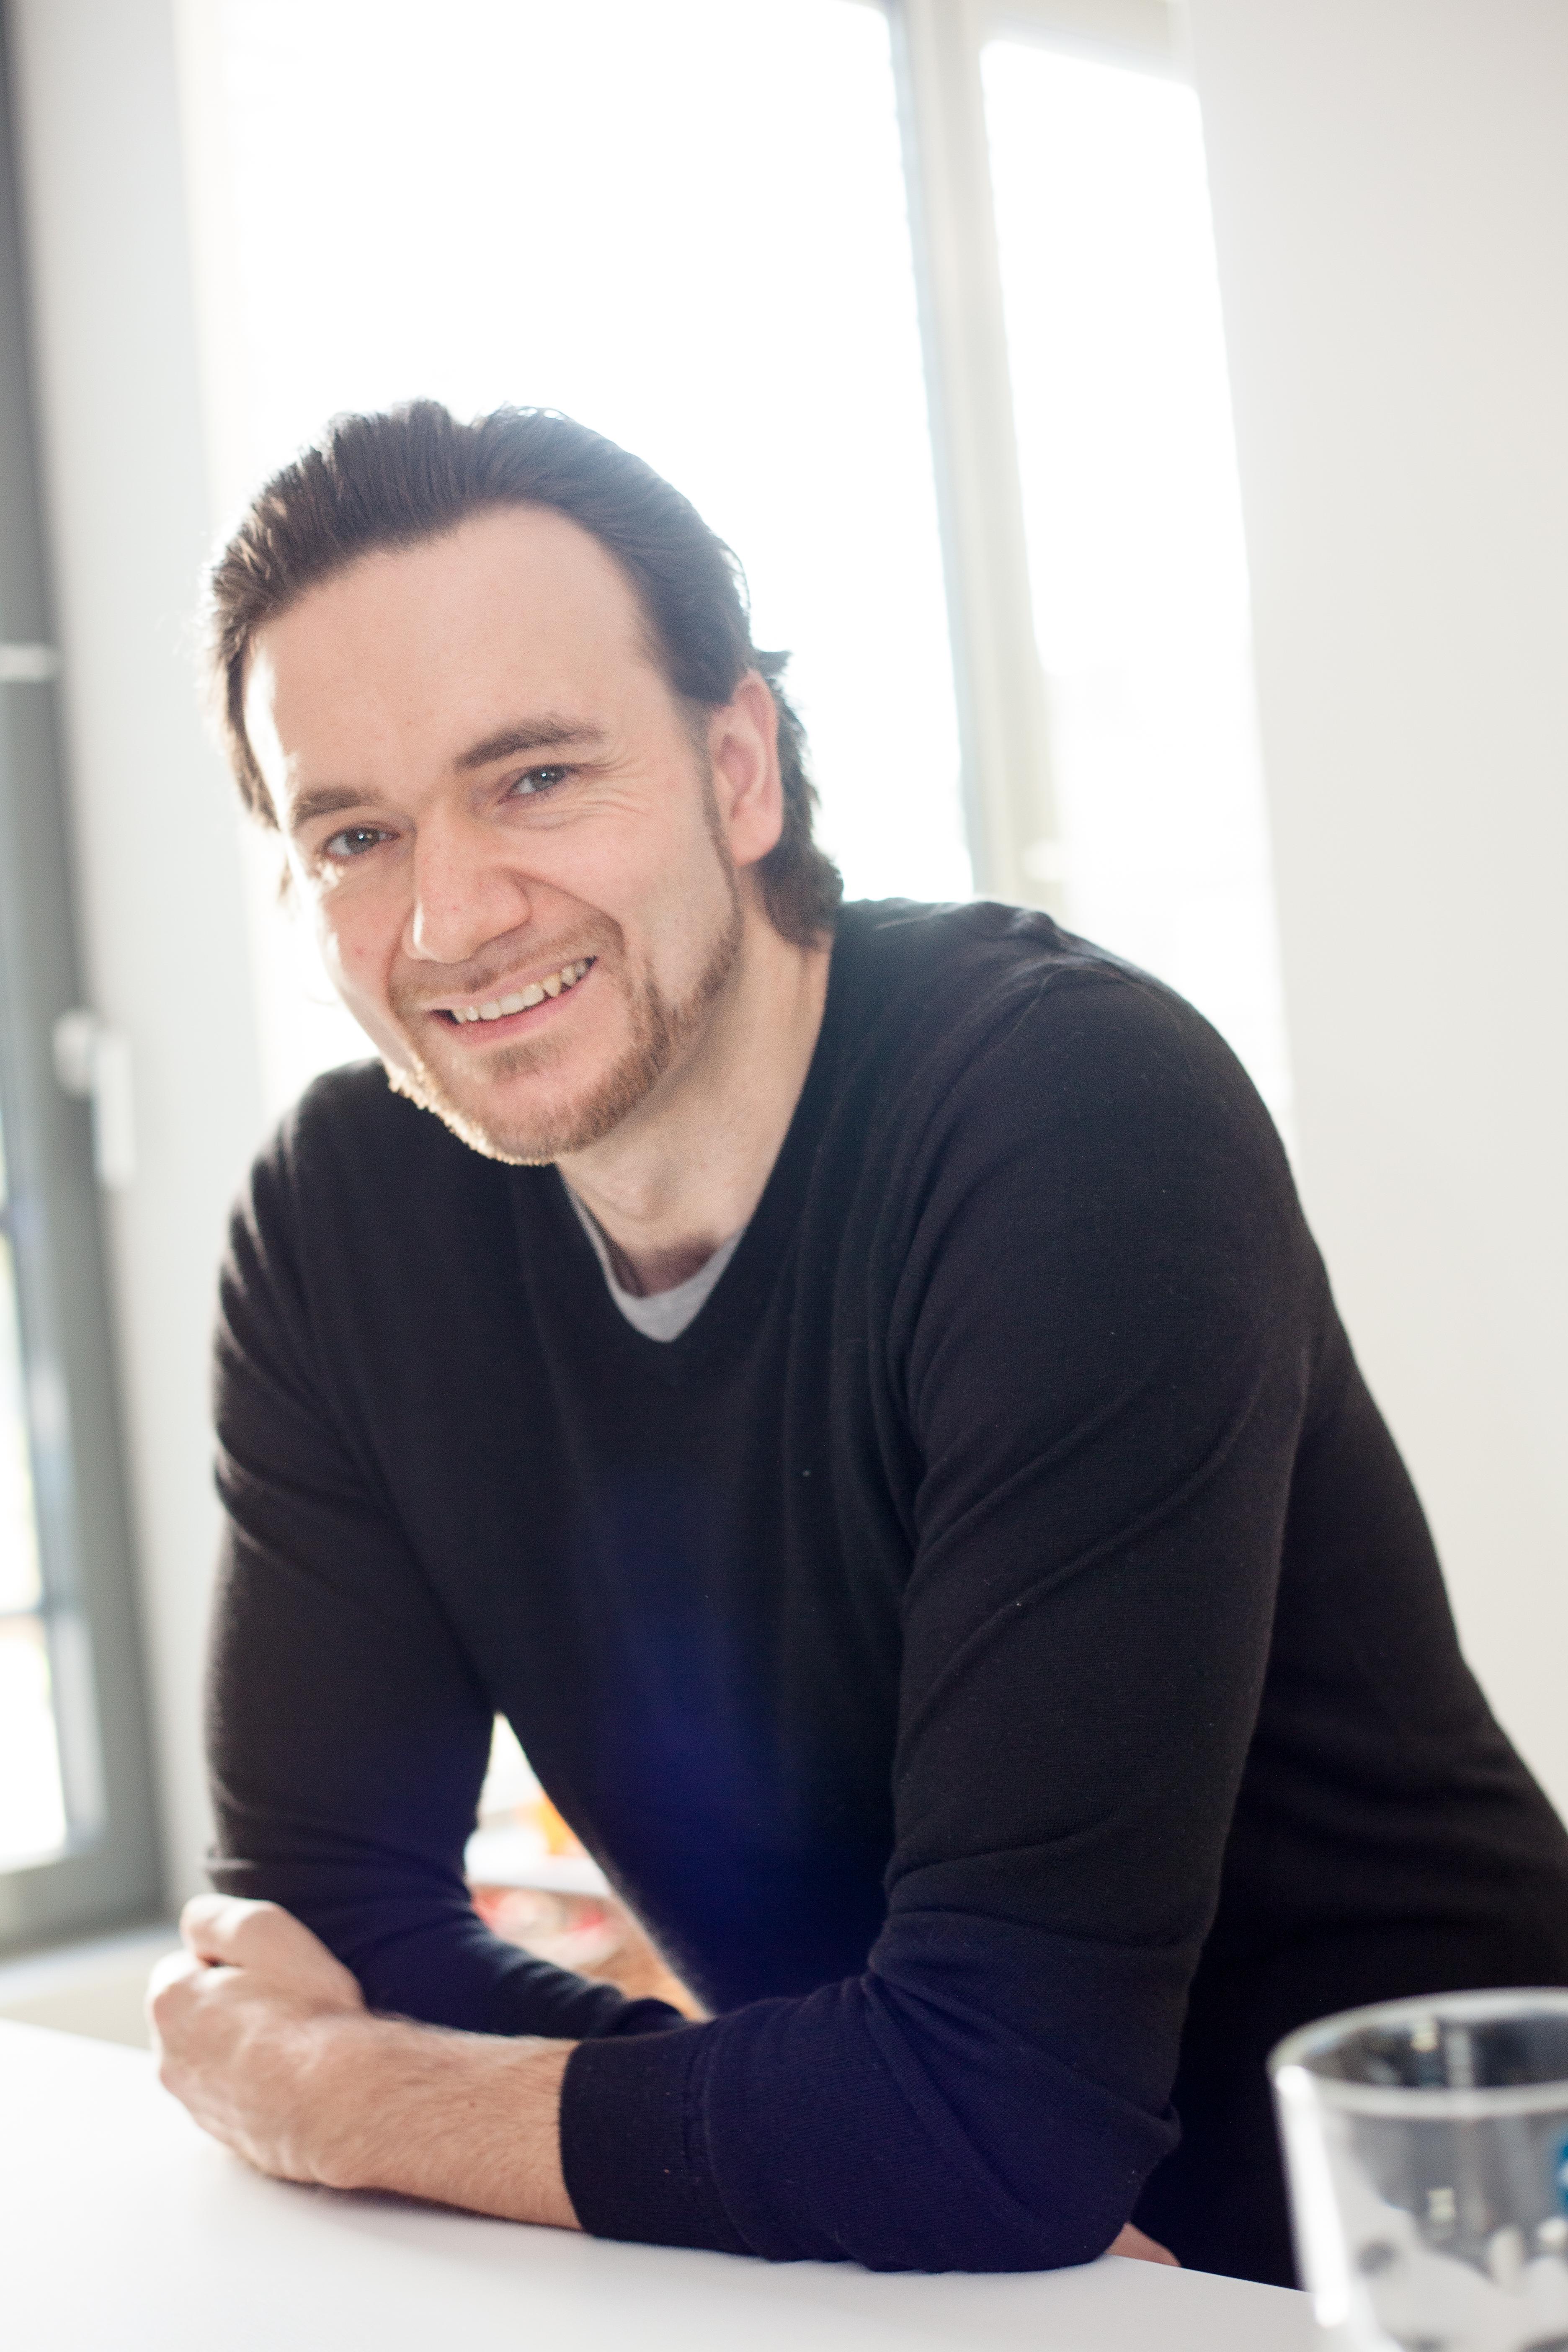 Stefan Epler